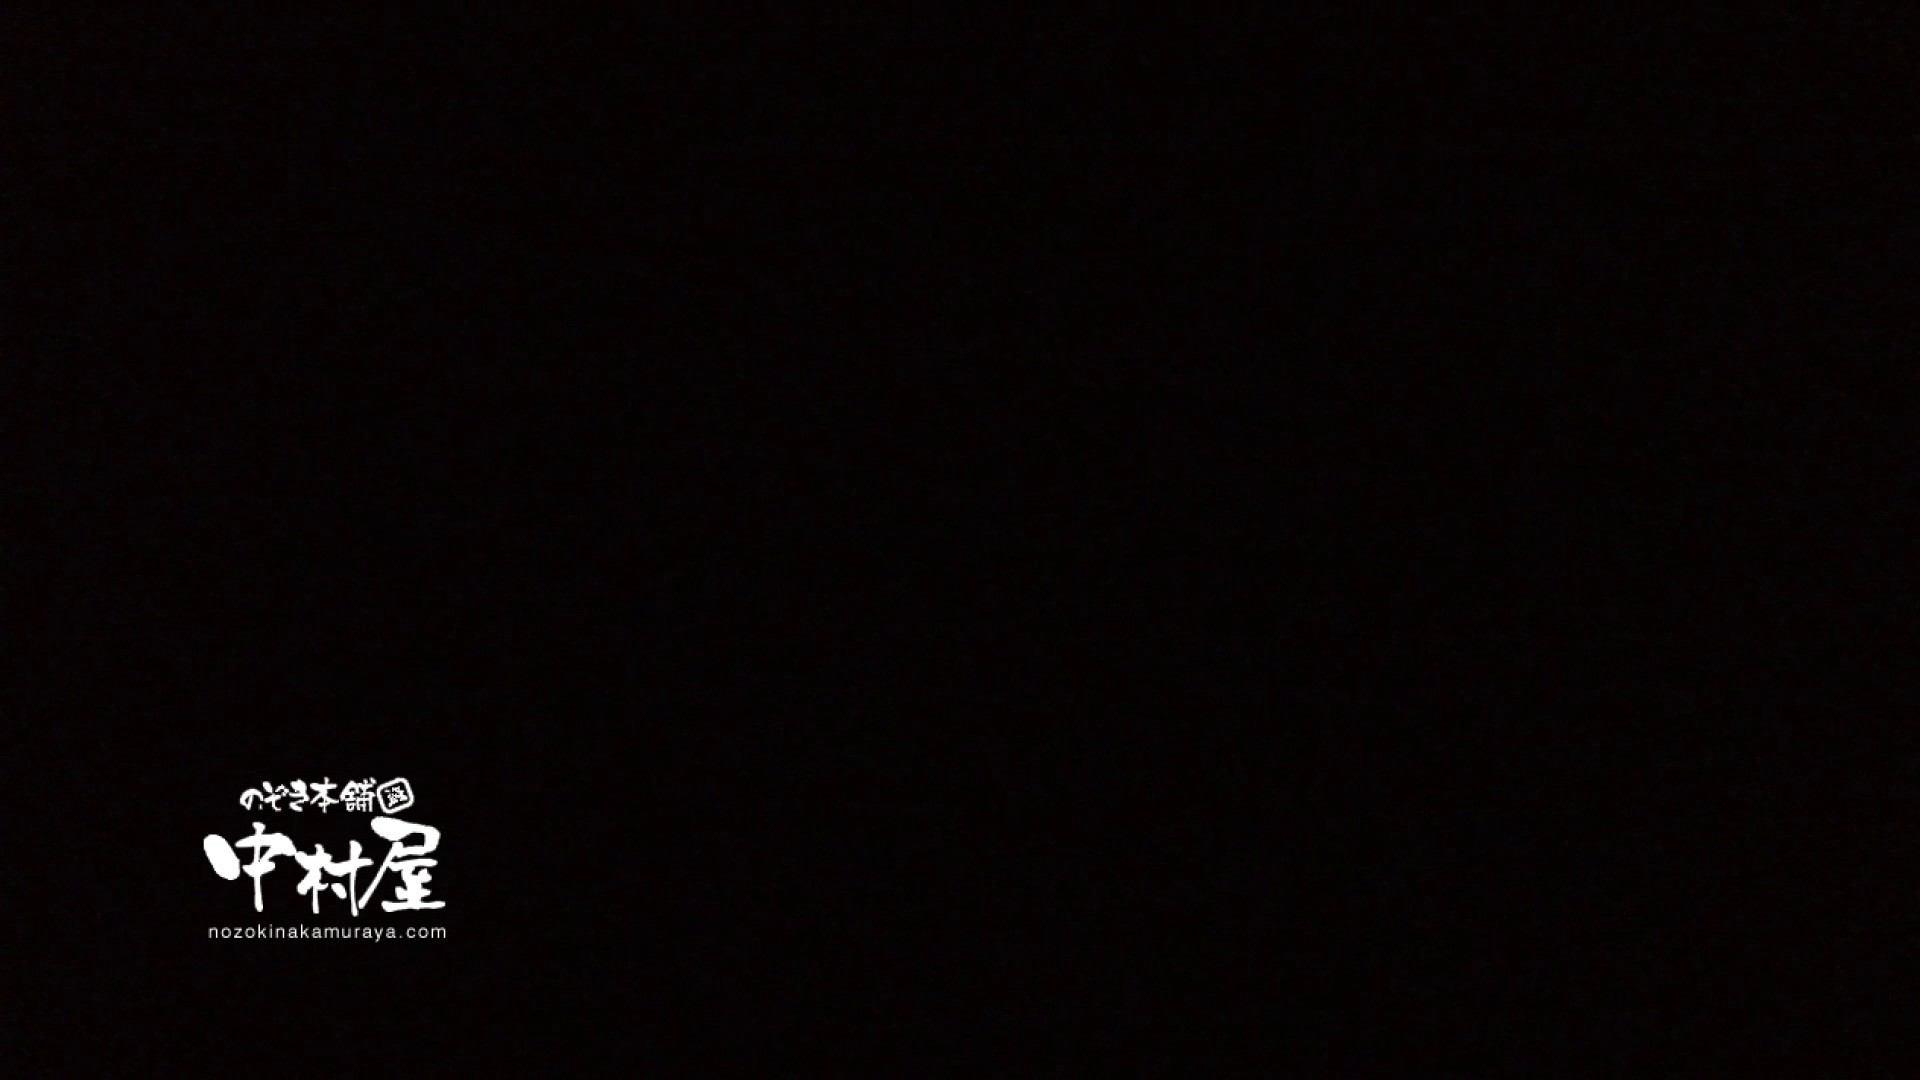 鬼畜 vol.10 あぁ無情…中出しパイパン! 前編 中出し | 鬼畜  106pic 81